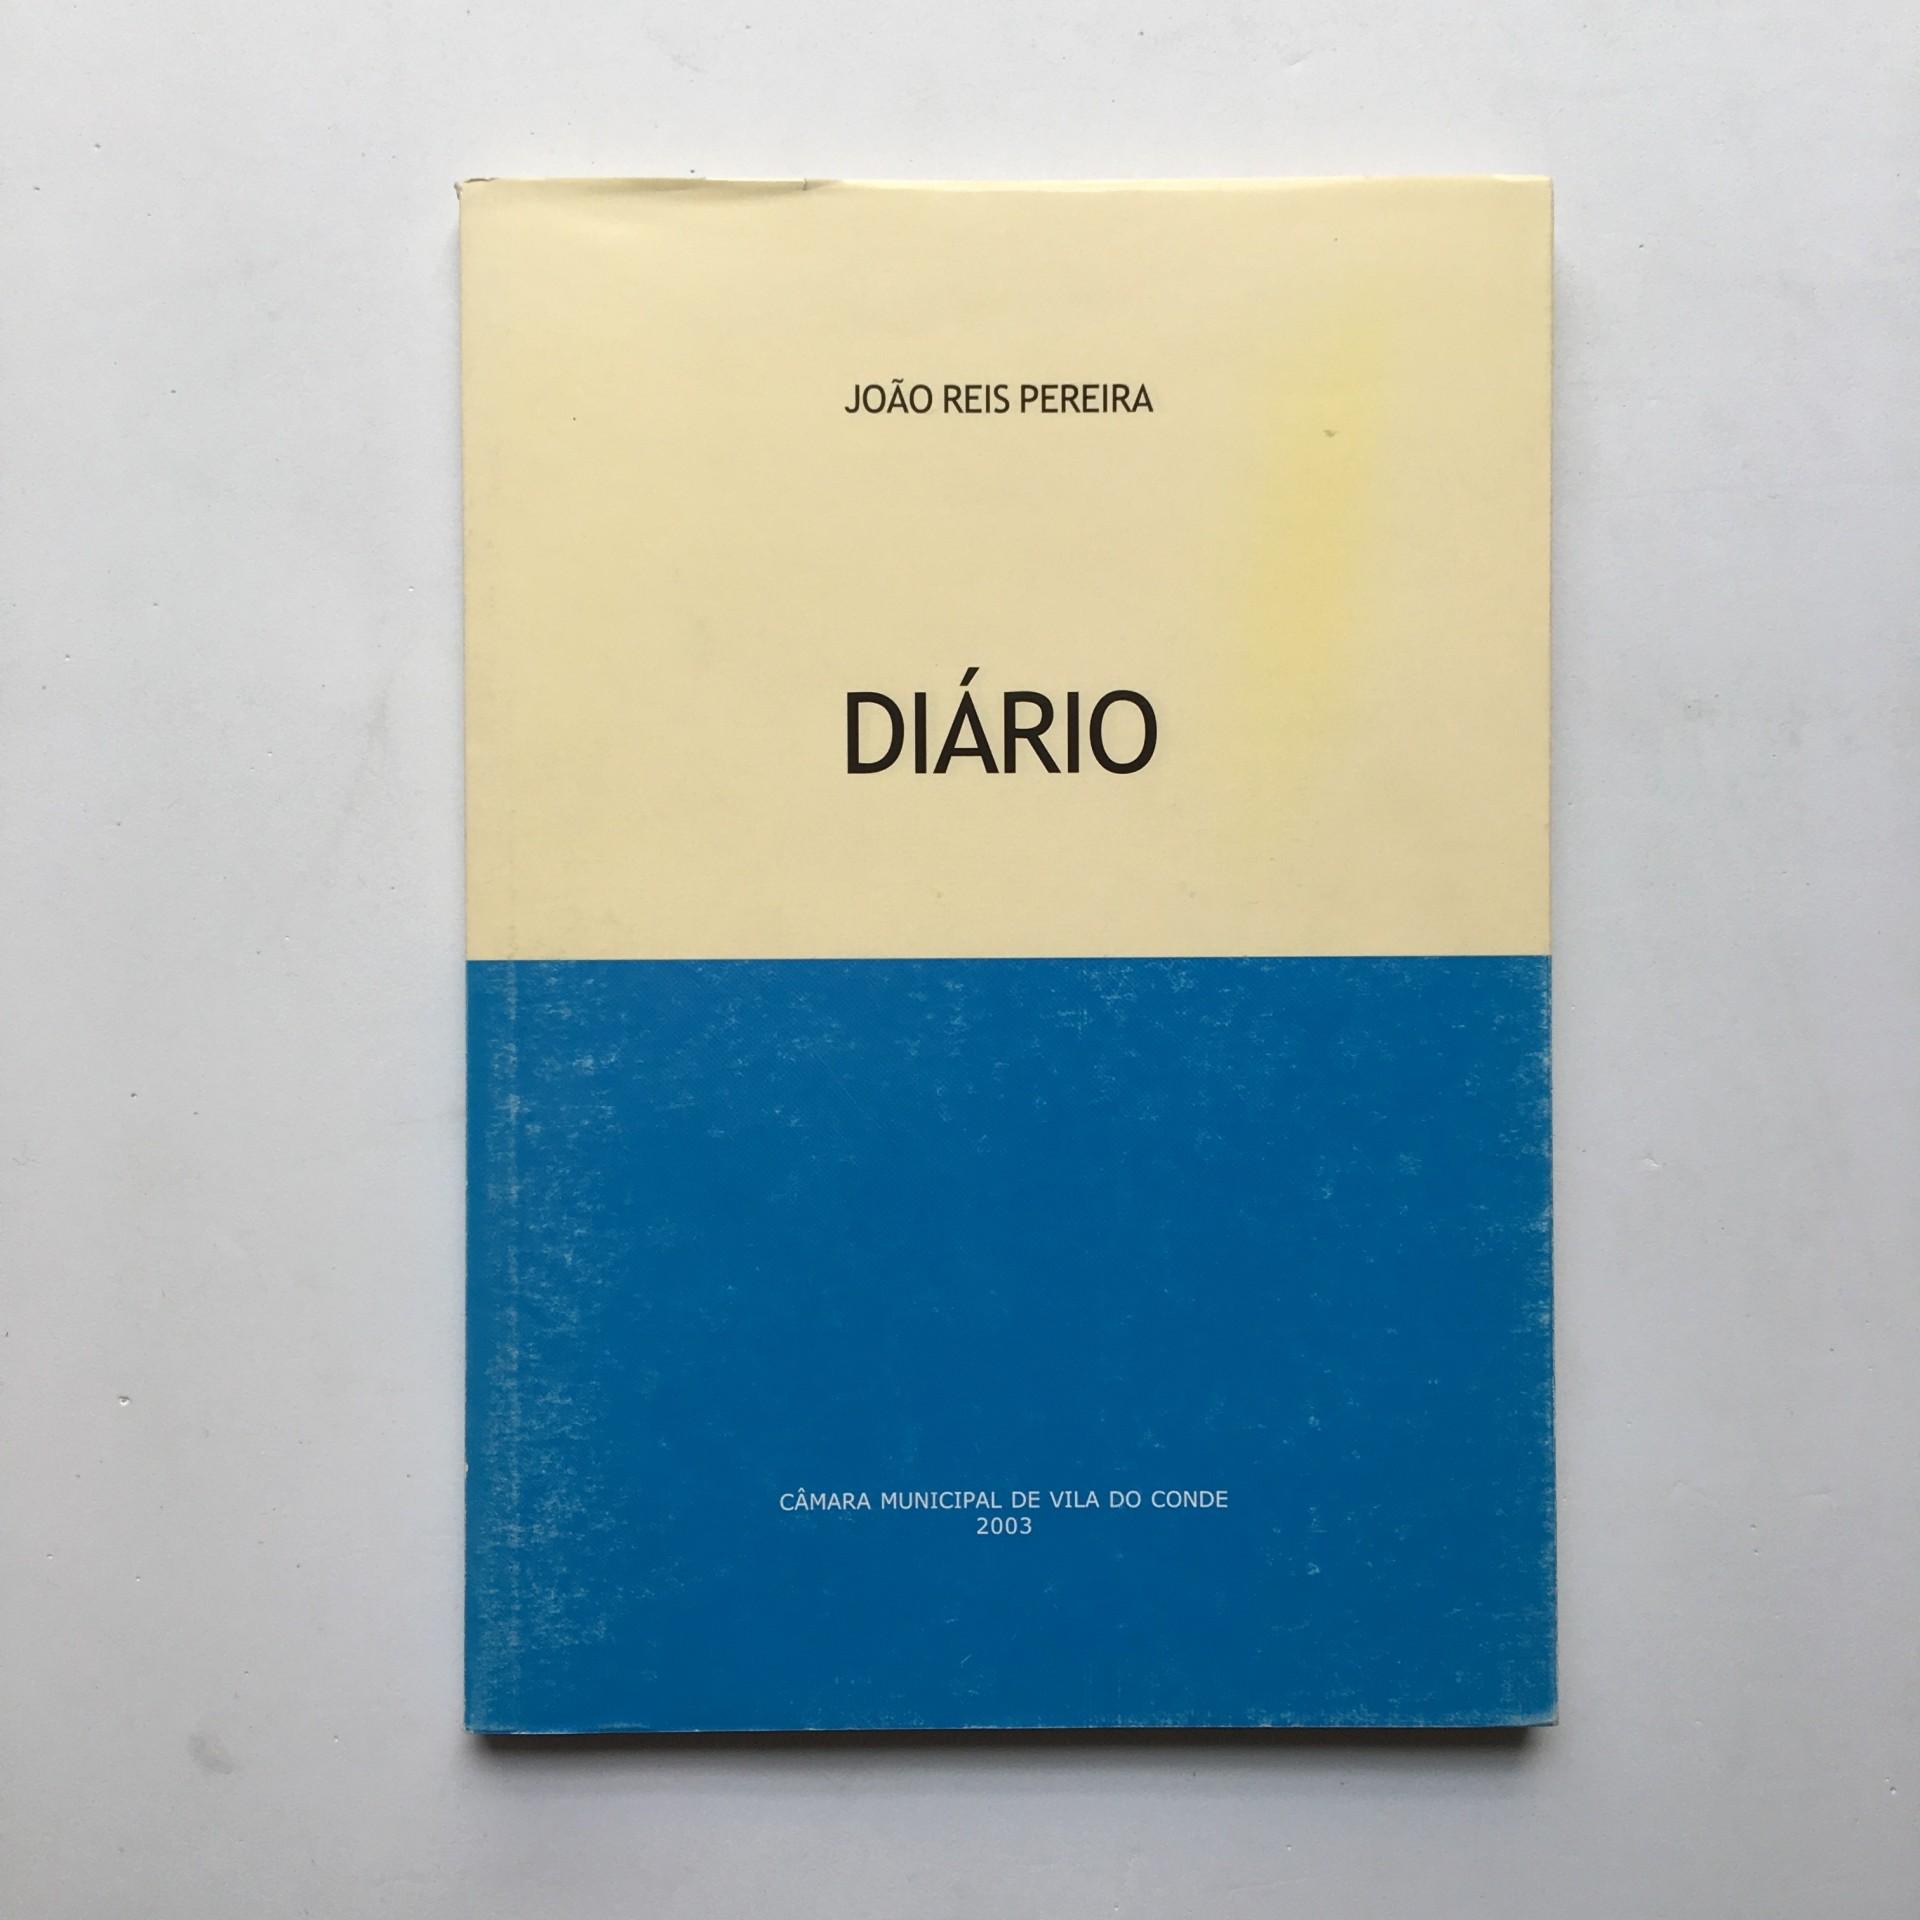 Diário